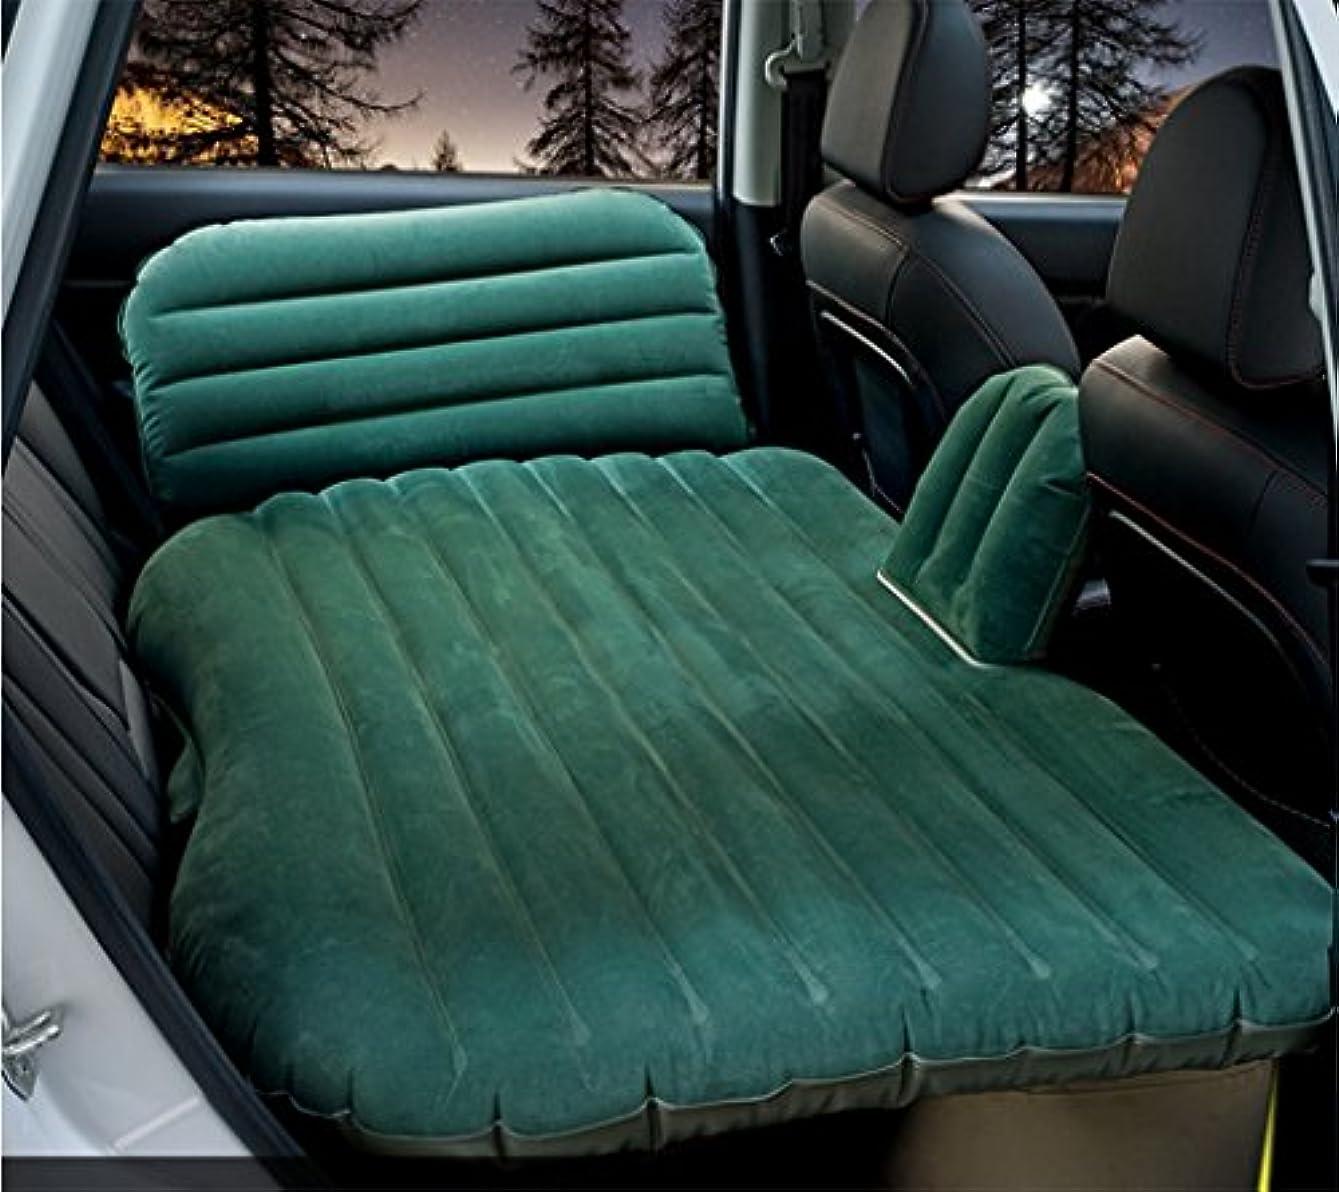 ハング静けさ味わう車のエアマットレス、GZD多機能インフレータブルカーマットレス2つの独立した便のサポートと調節可能な頭の保護枕、インフレータブルベッドキャンプユニバーサル、85 * 135センチメートルと背もたれのクッション,Green